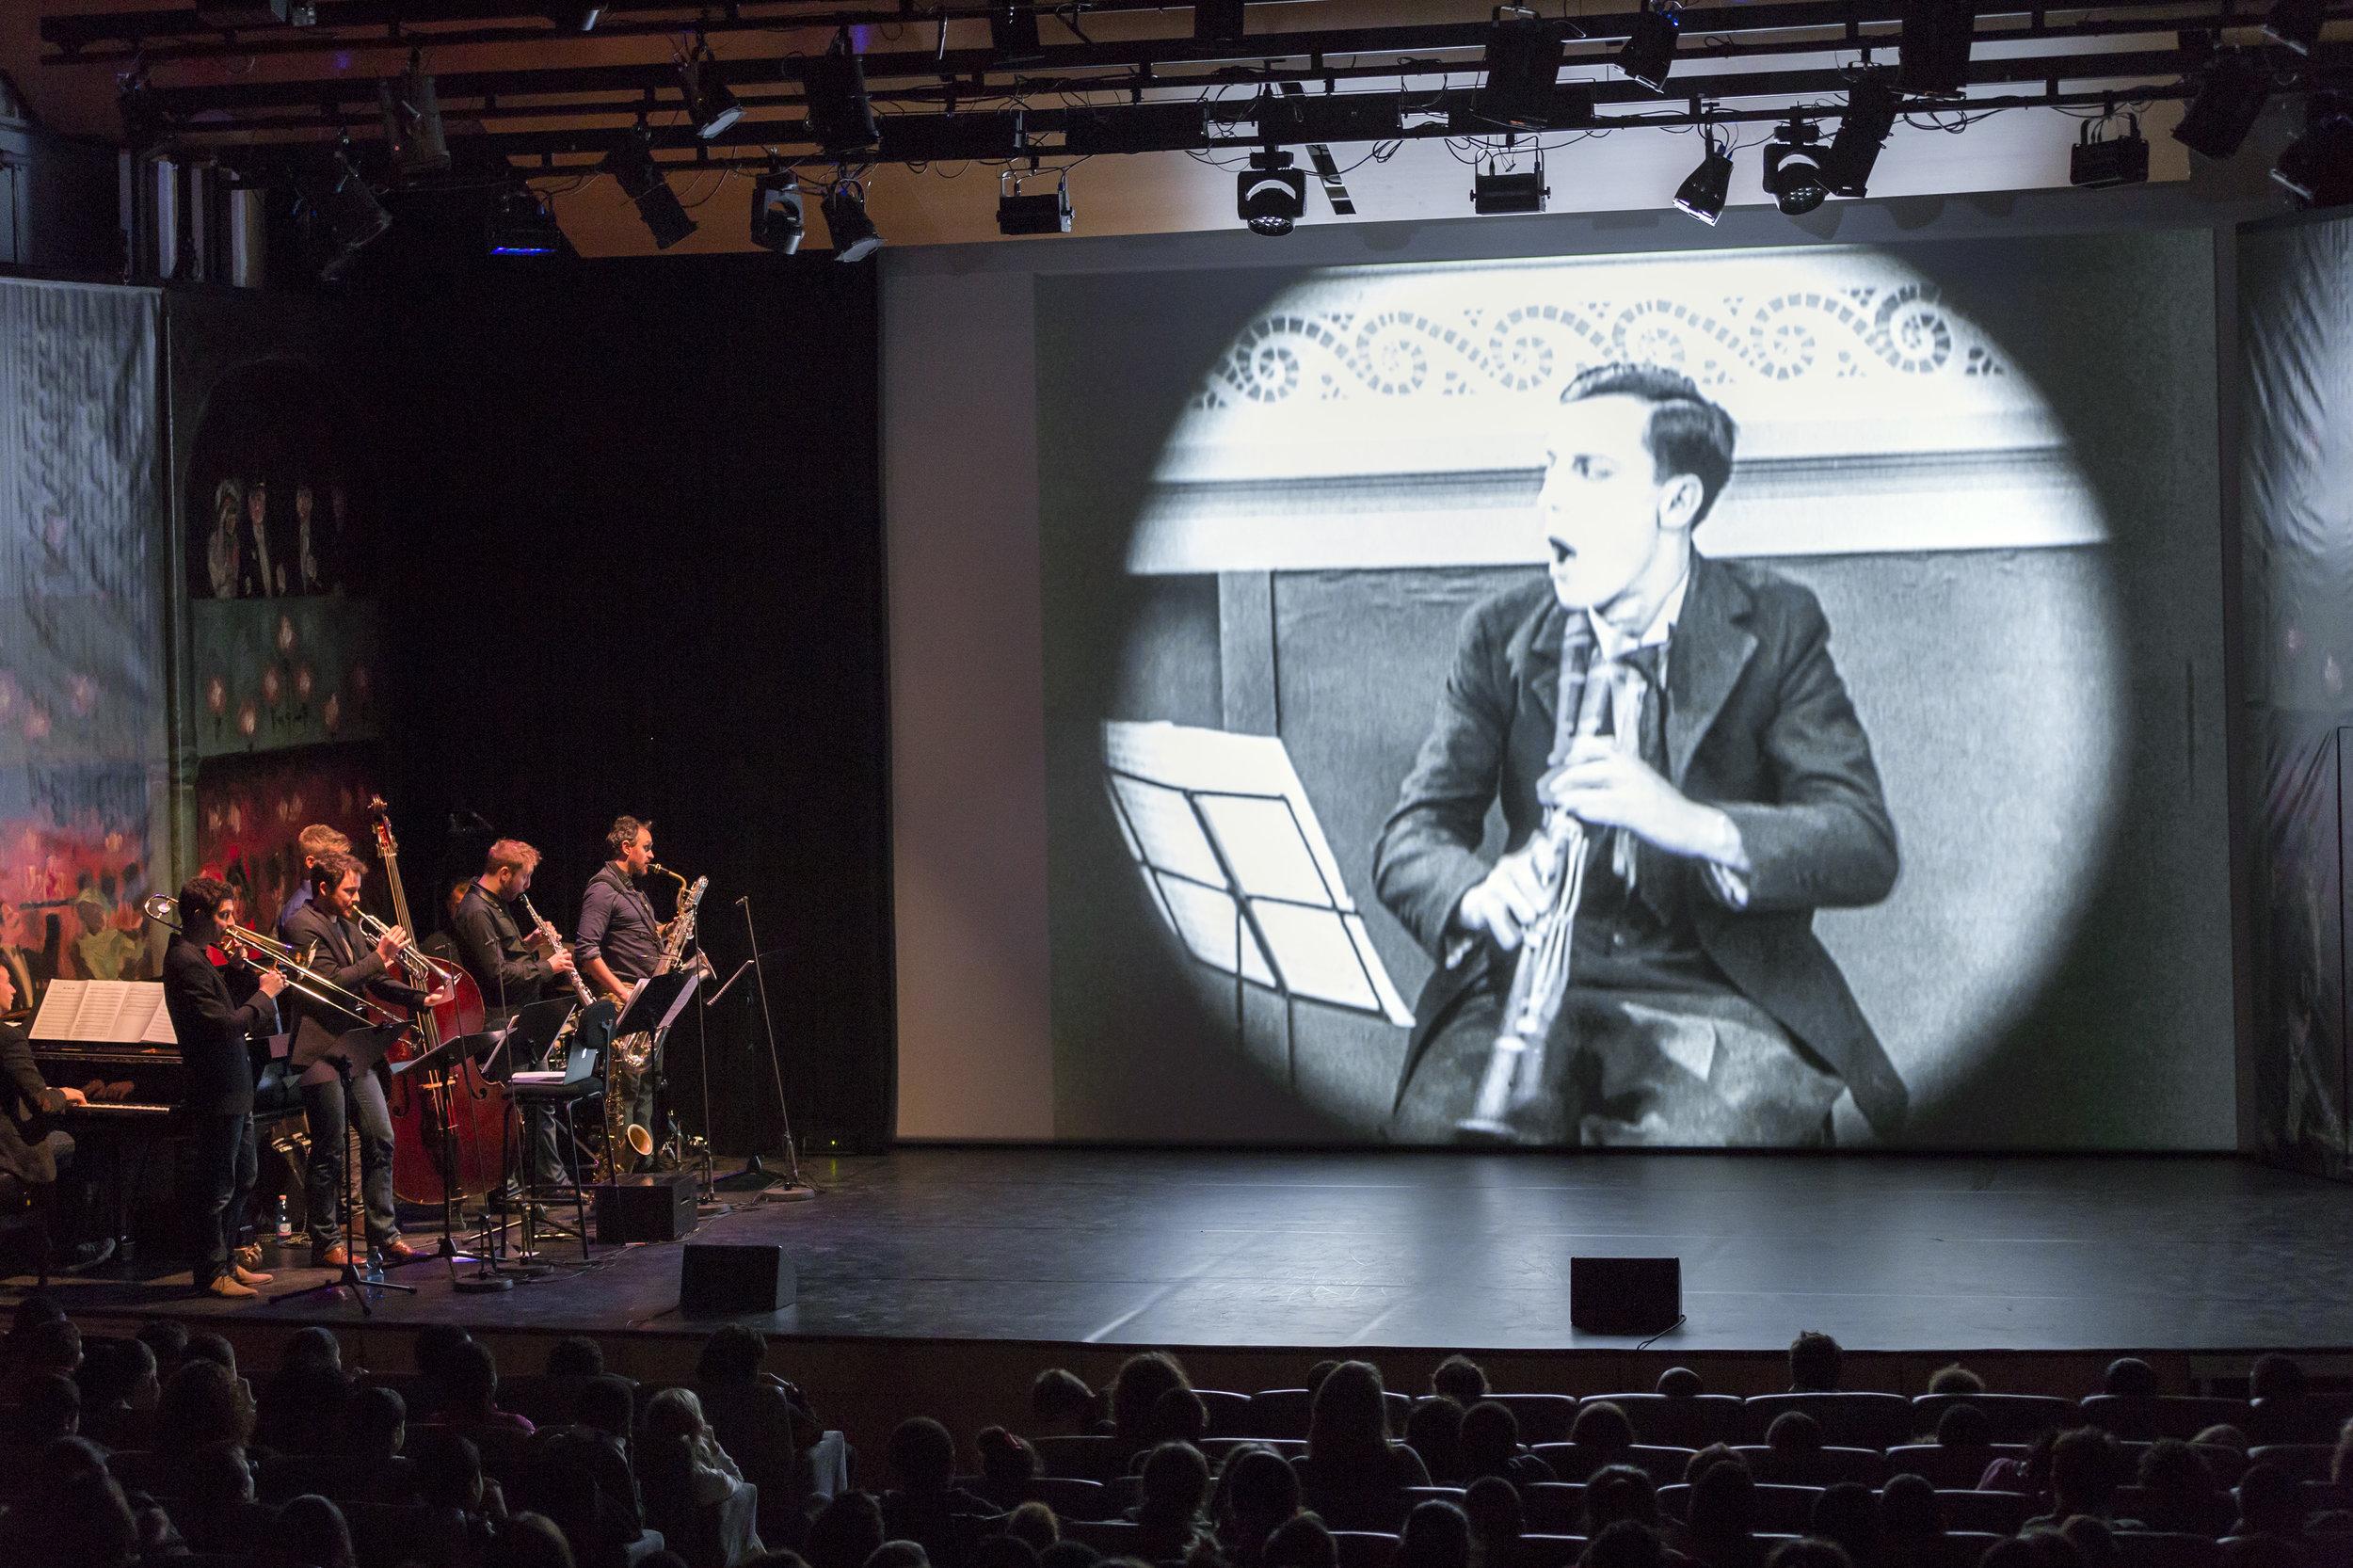 Ciné-concer jazz 2 (c) Sophie Boegly.jpg